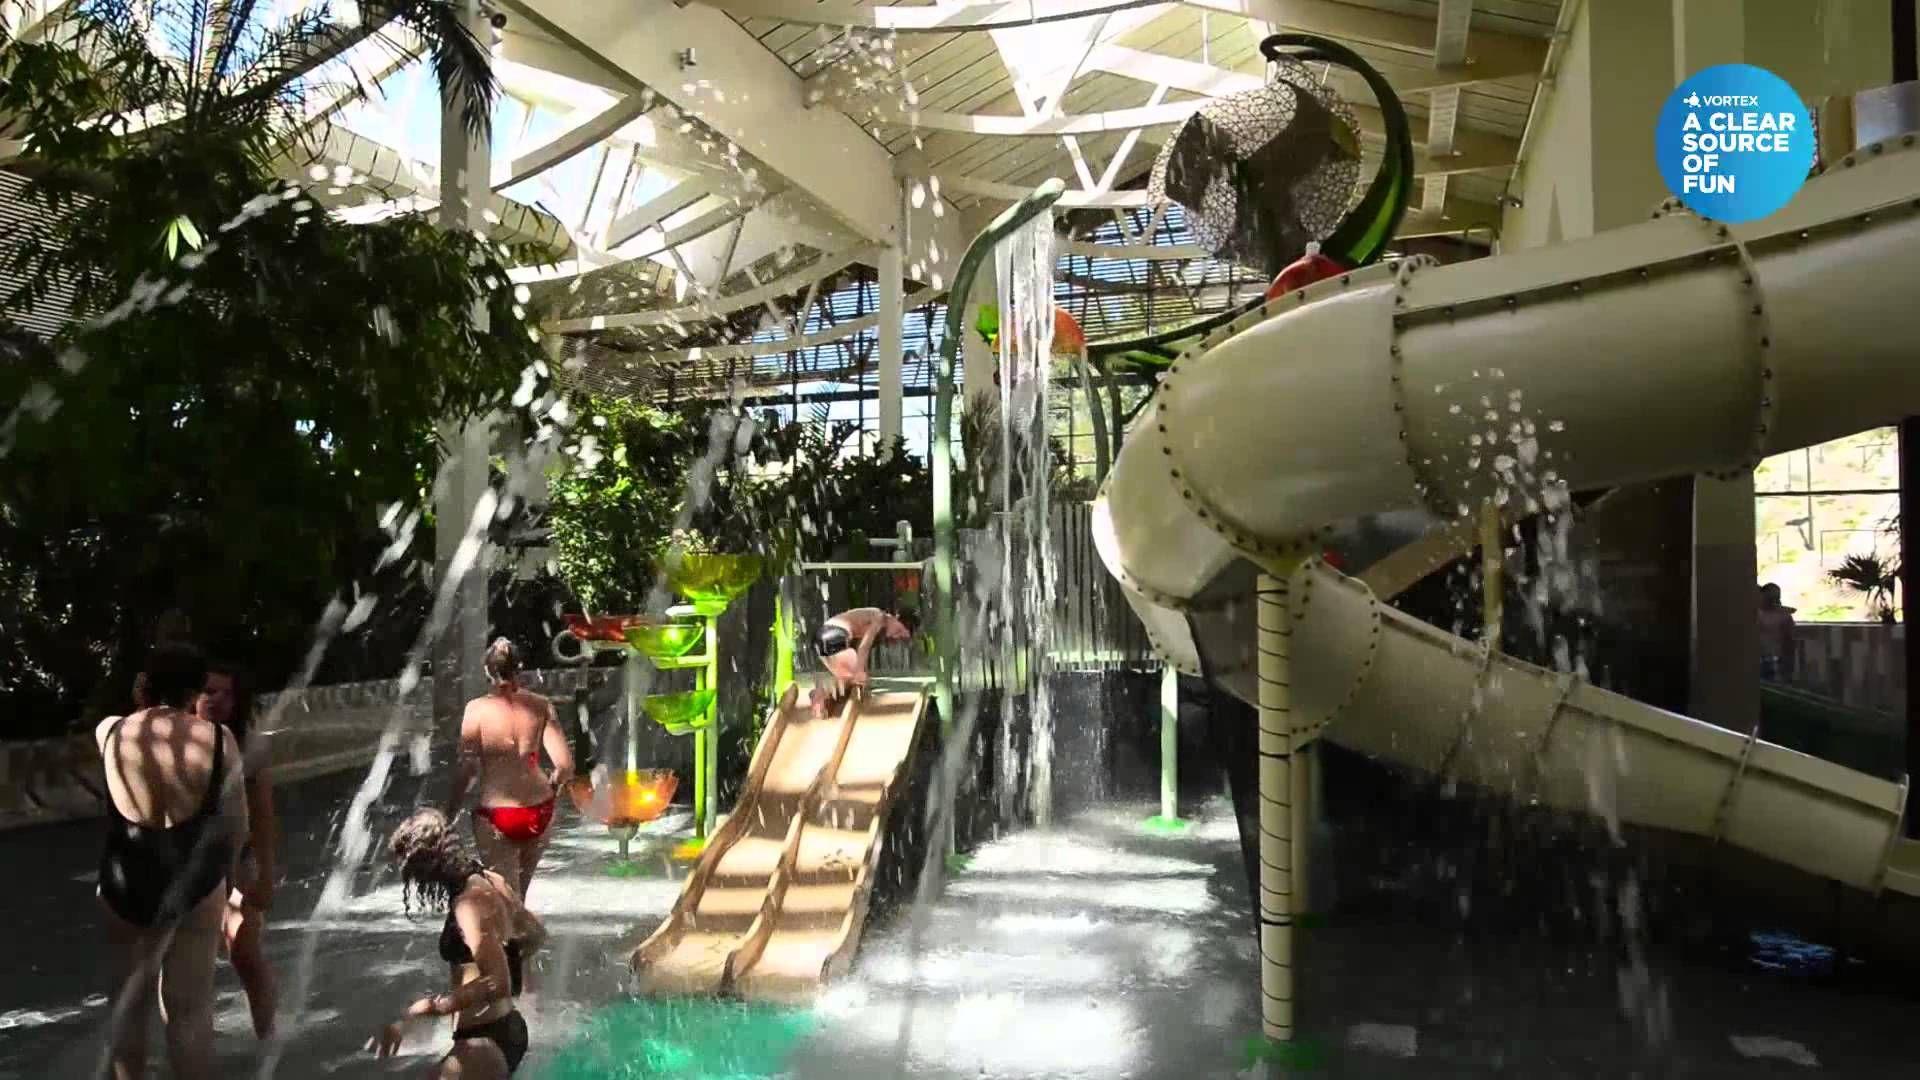 Vortex Centerparcs Bostalsee Germany Waterparks Saarland Water Park Germany